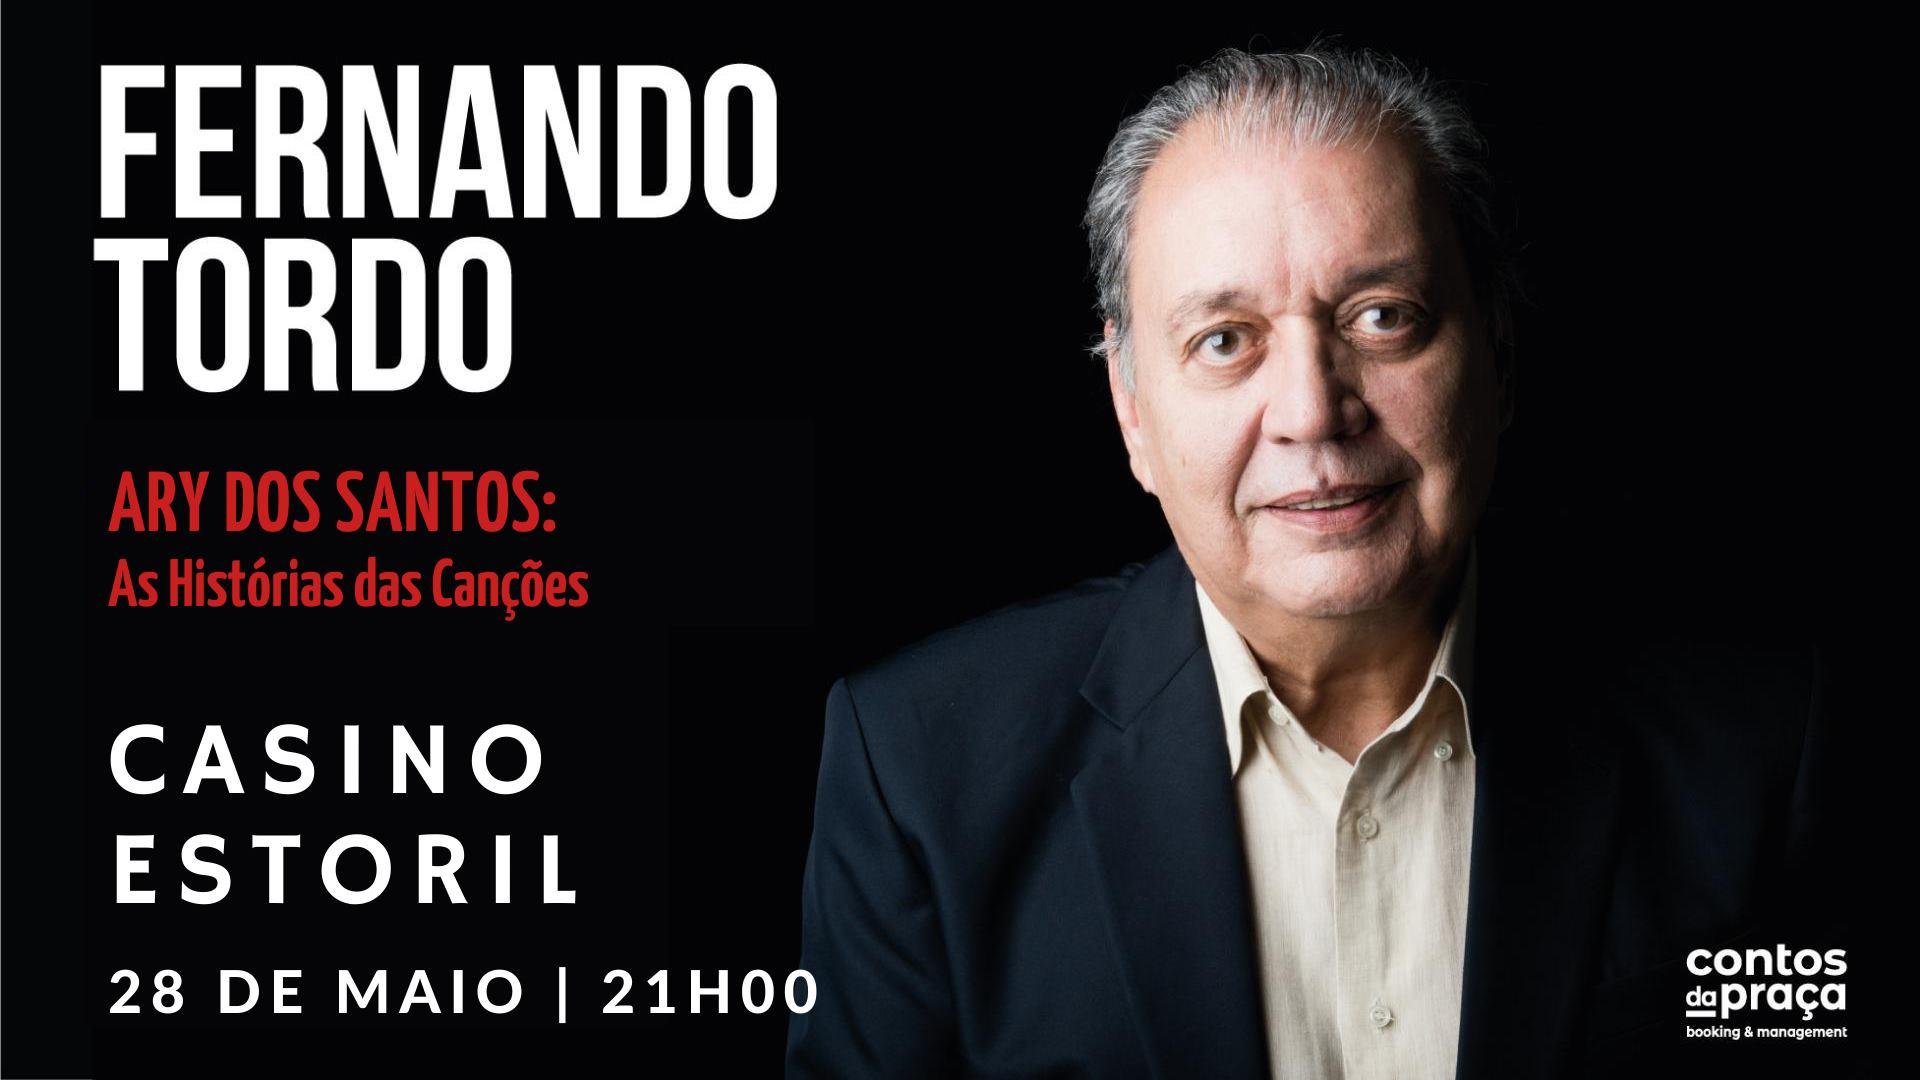 Fernando Tordo - Ary dos Santos: As Histórias das Canções